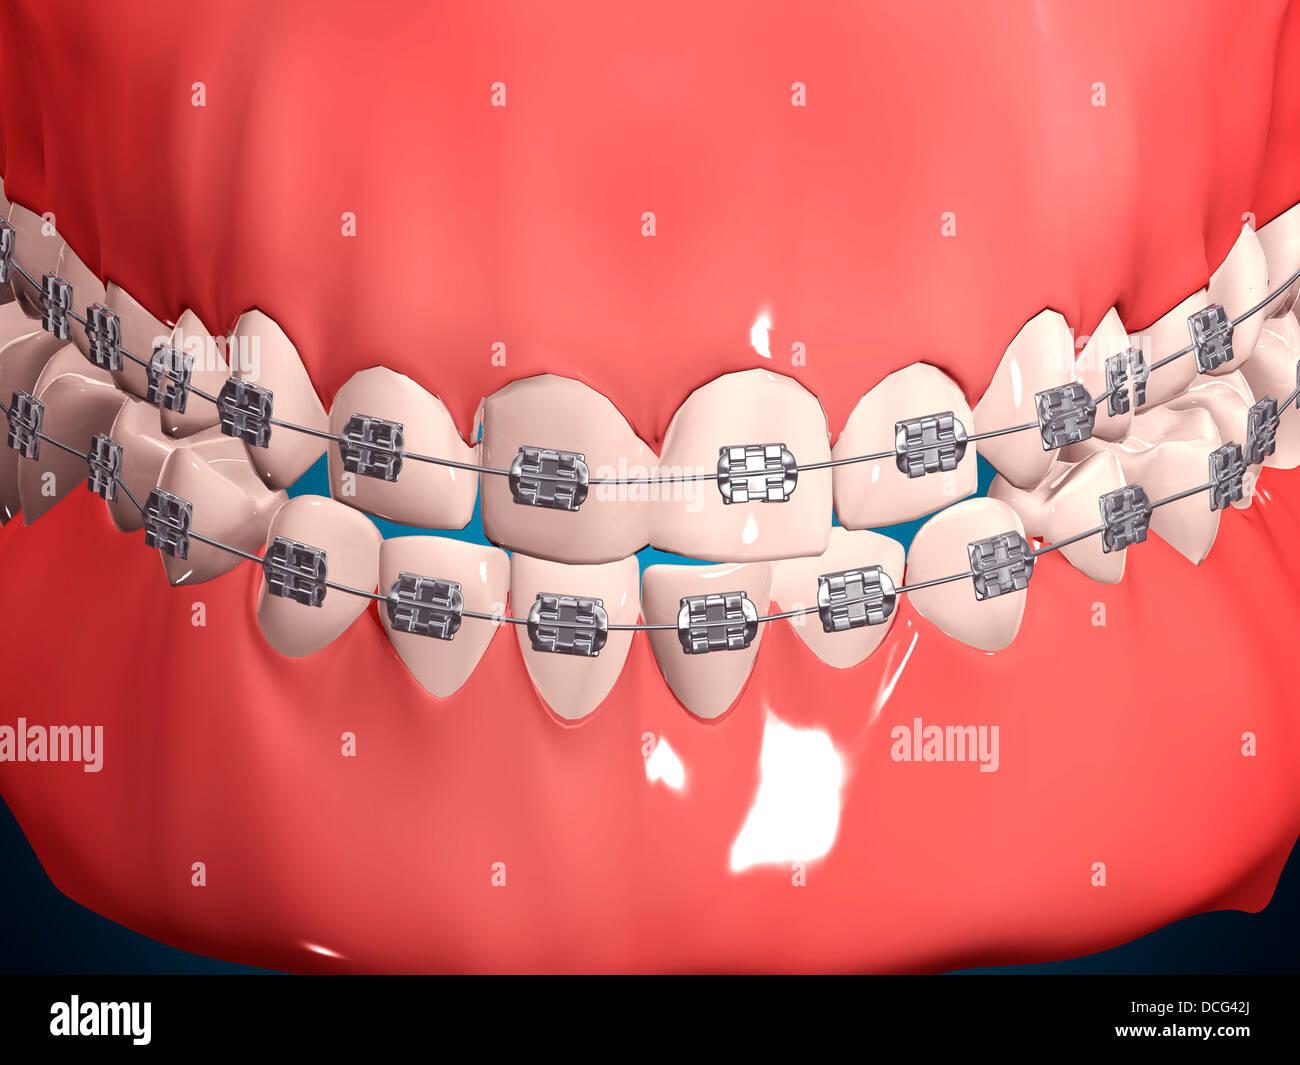 Ilustración médica de la boca humana mostrando los dientes, las ...